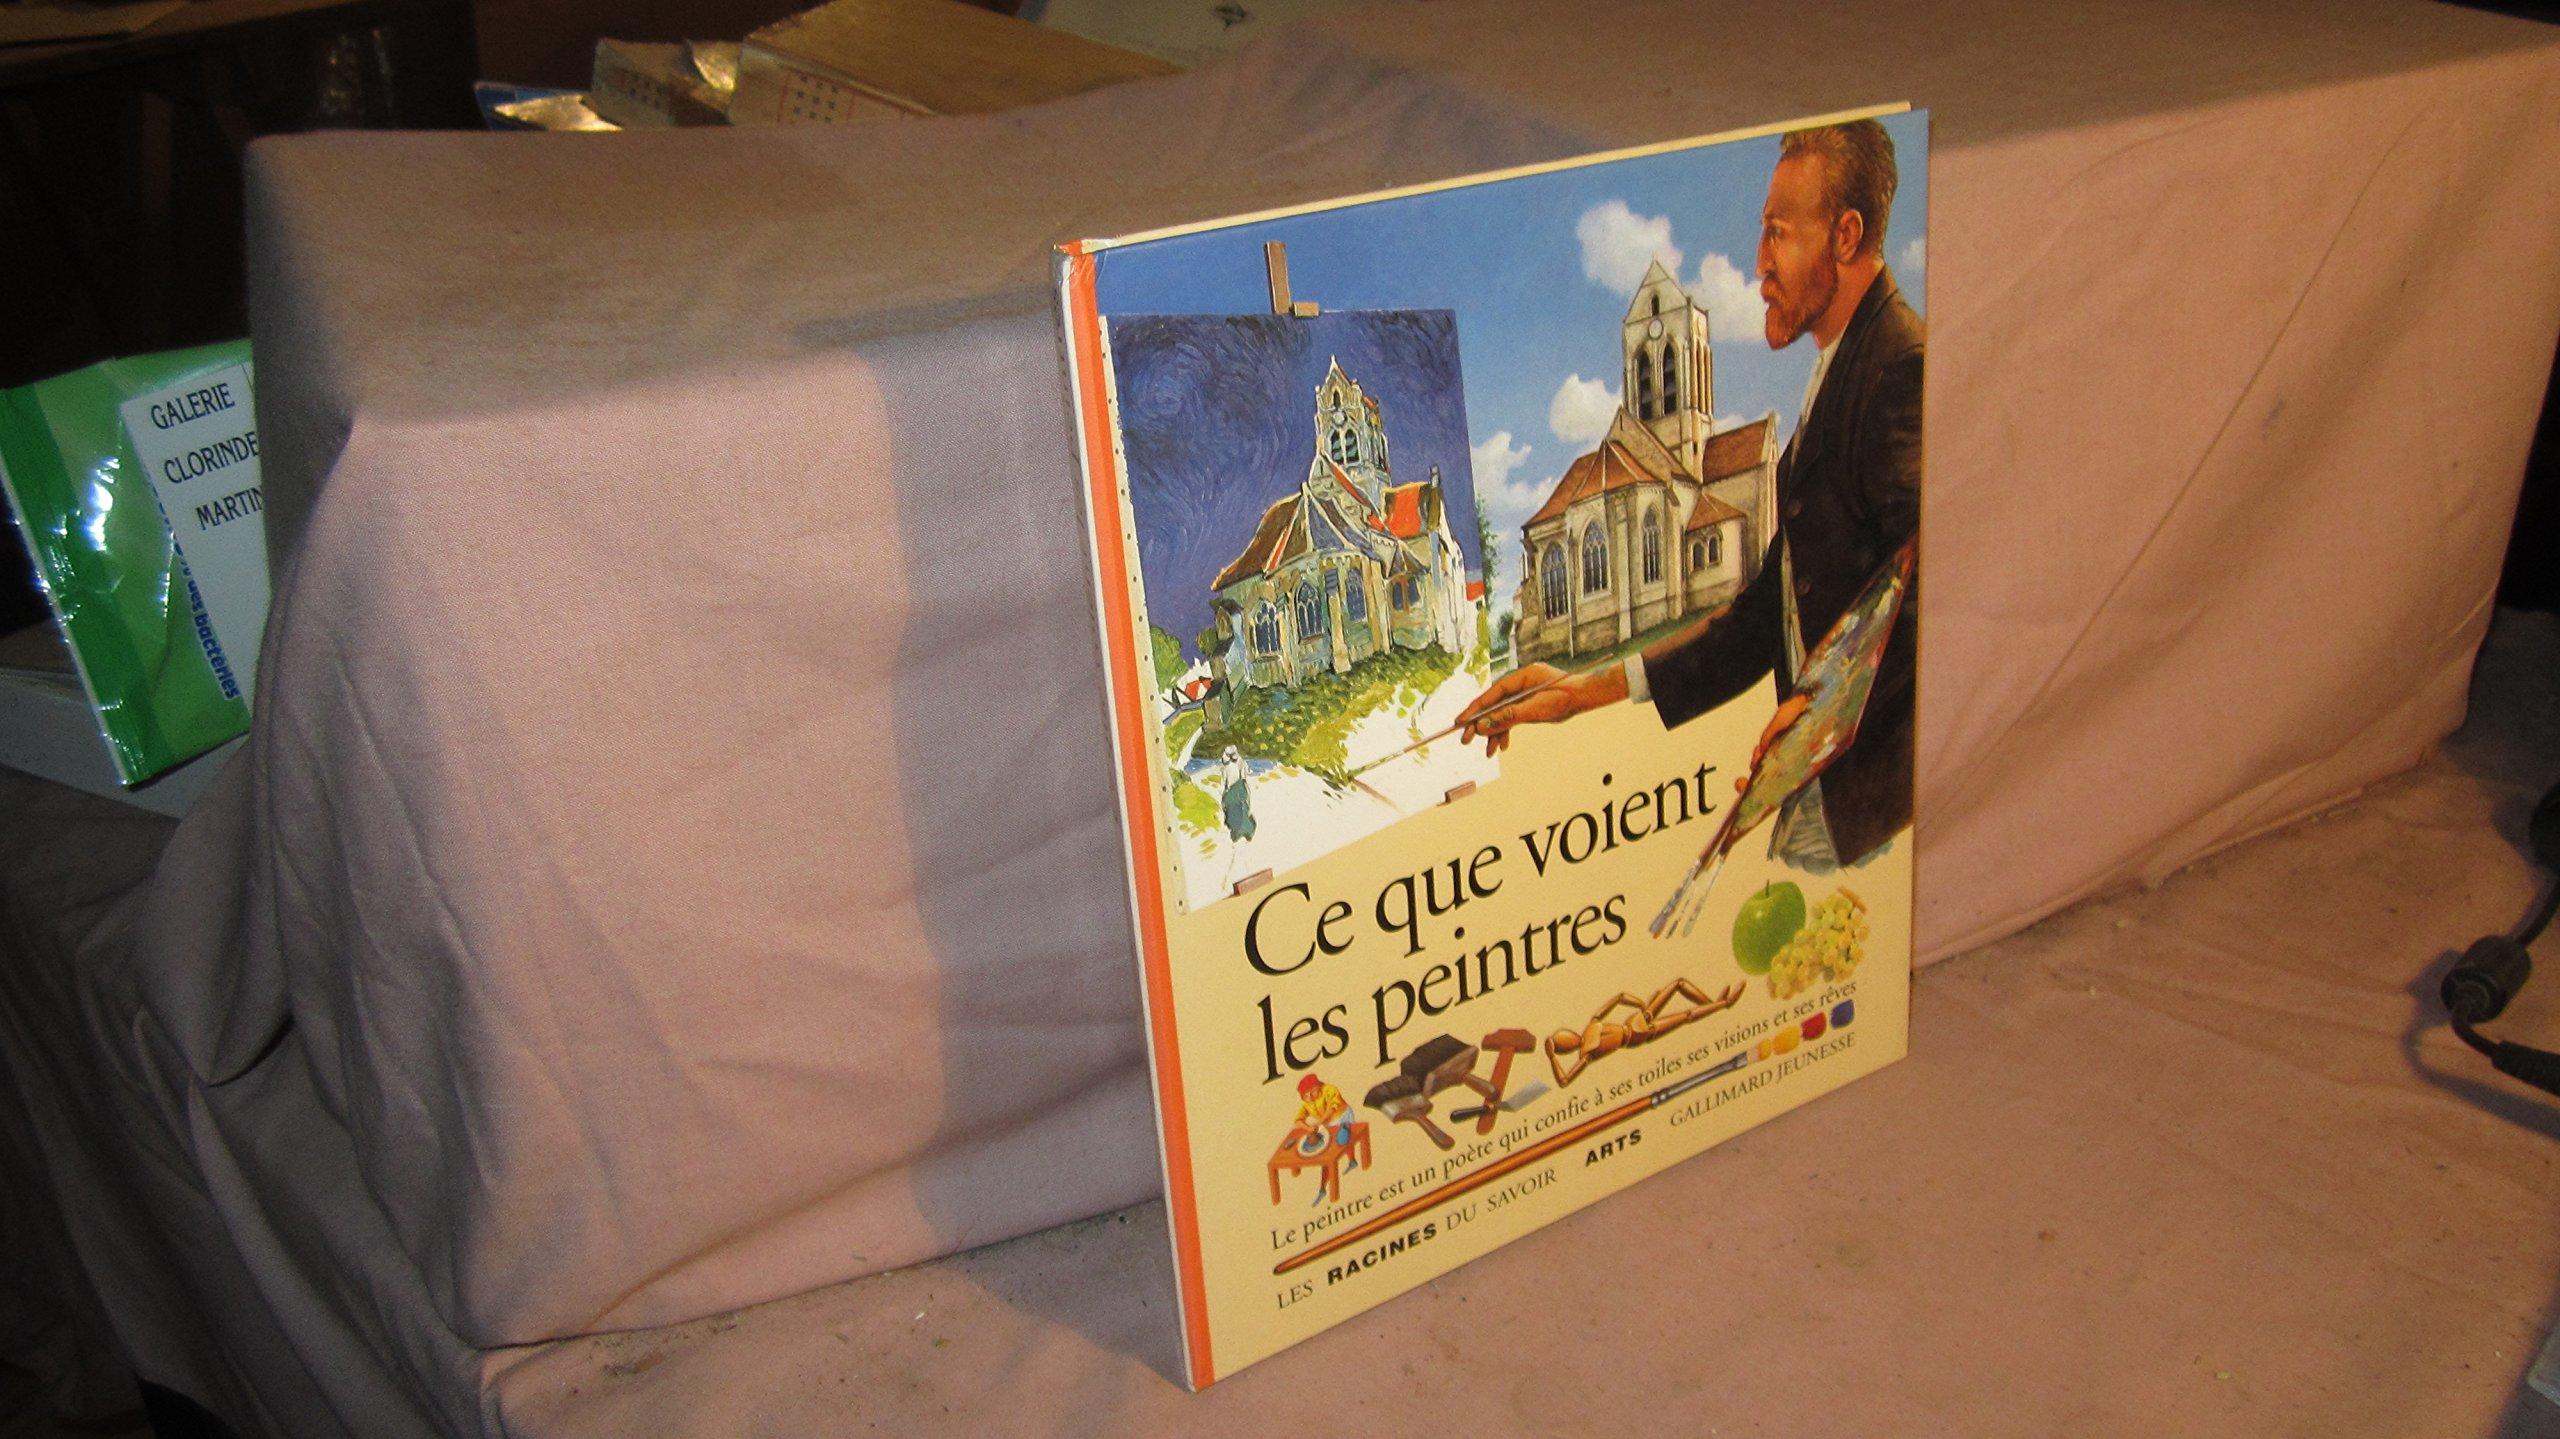 Ce que voient les peintres Album – 27 février 1995 Laurence Ottenheimer-Maquet Gallimard-Jeunesse 2070583848 Composition (Art)